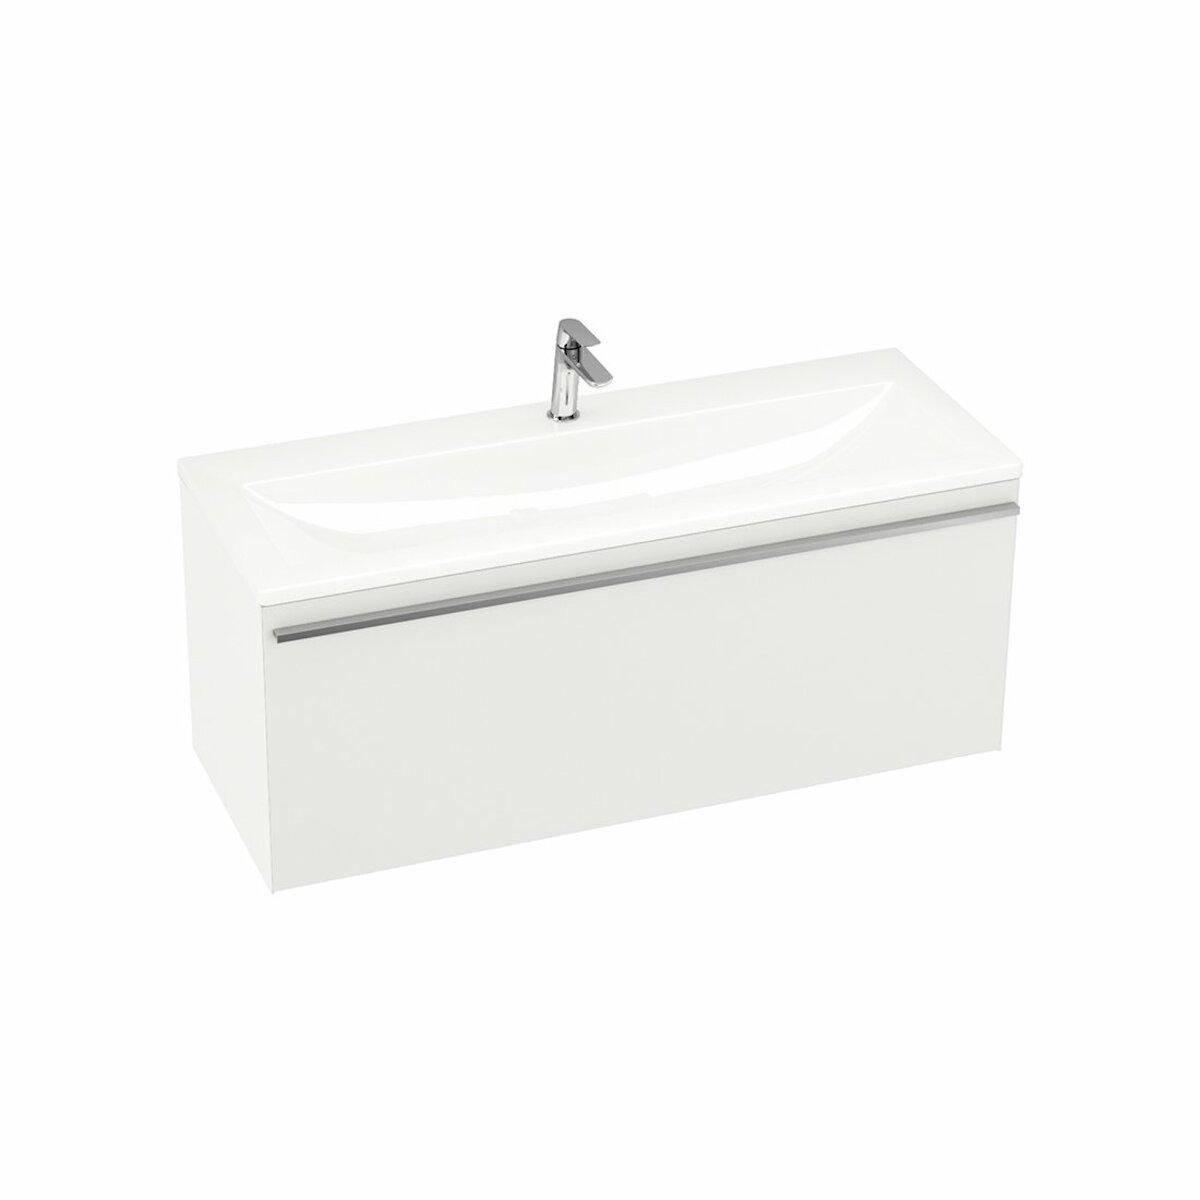 Kúpeľňová skrinka pod umývadlo Ravak Clear 80x38 cm biela X000000757